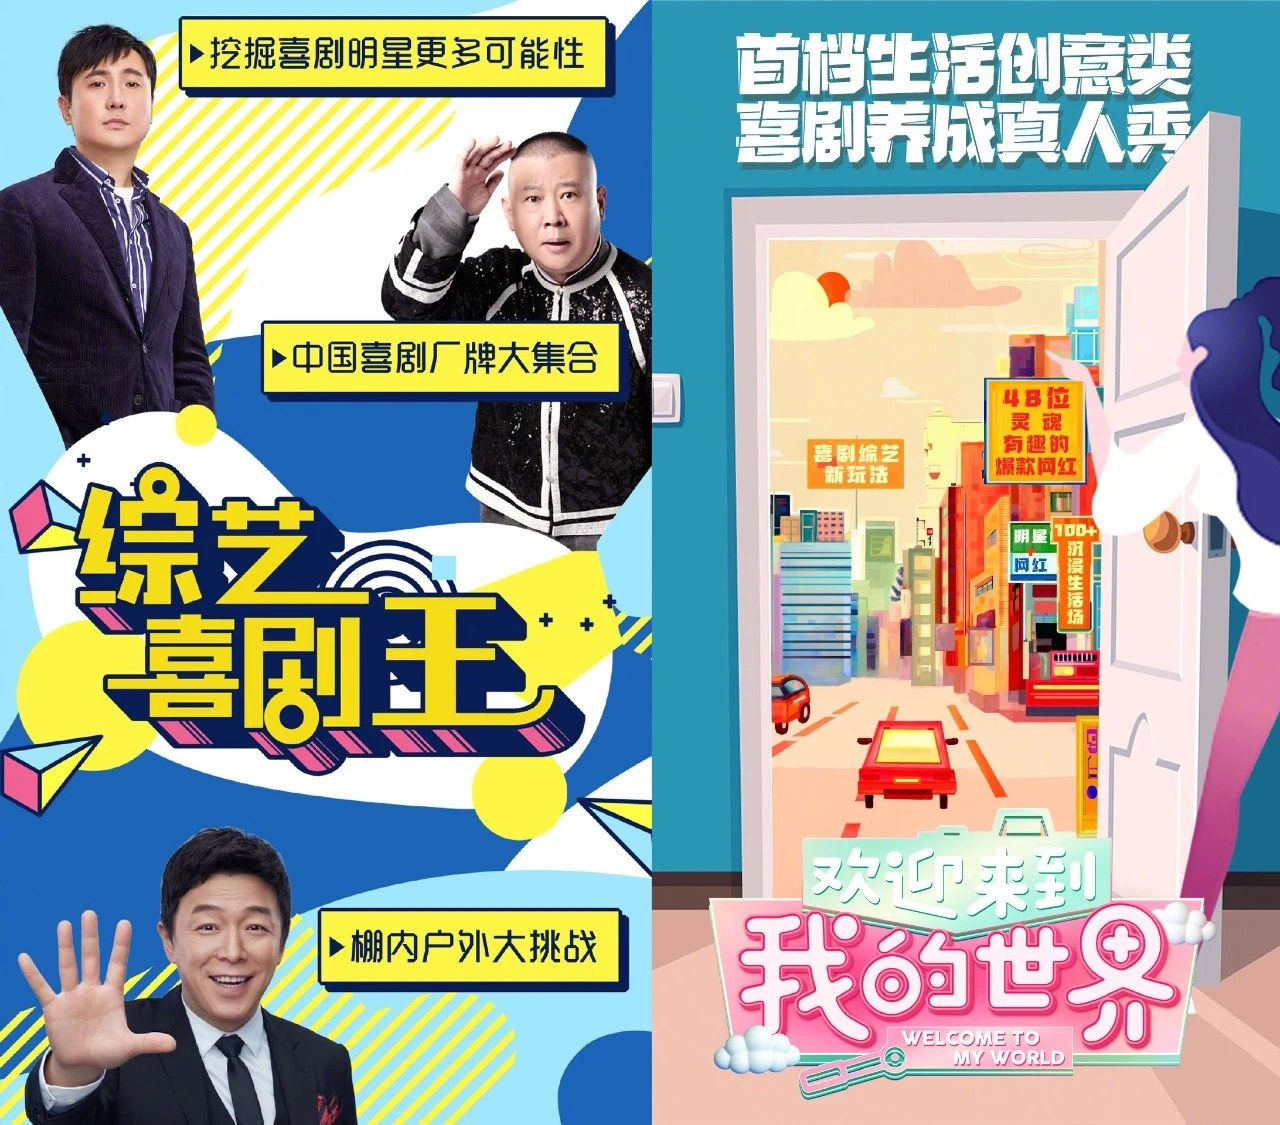 多档喜剧综艺来袭,未见《相声有新人2》,但德云社仍是最大卖点